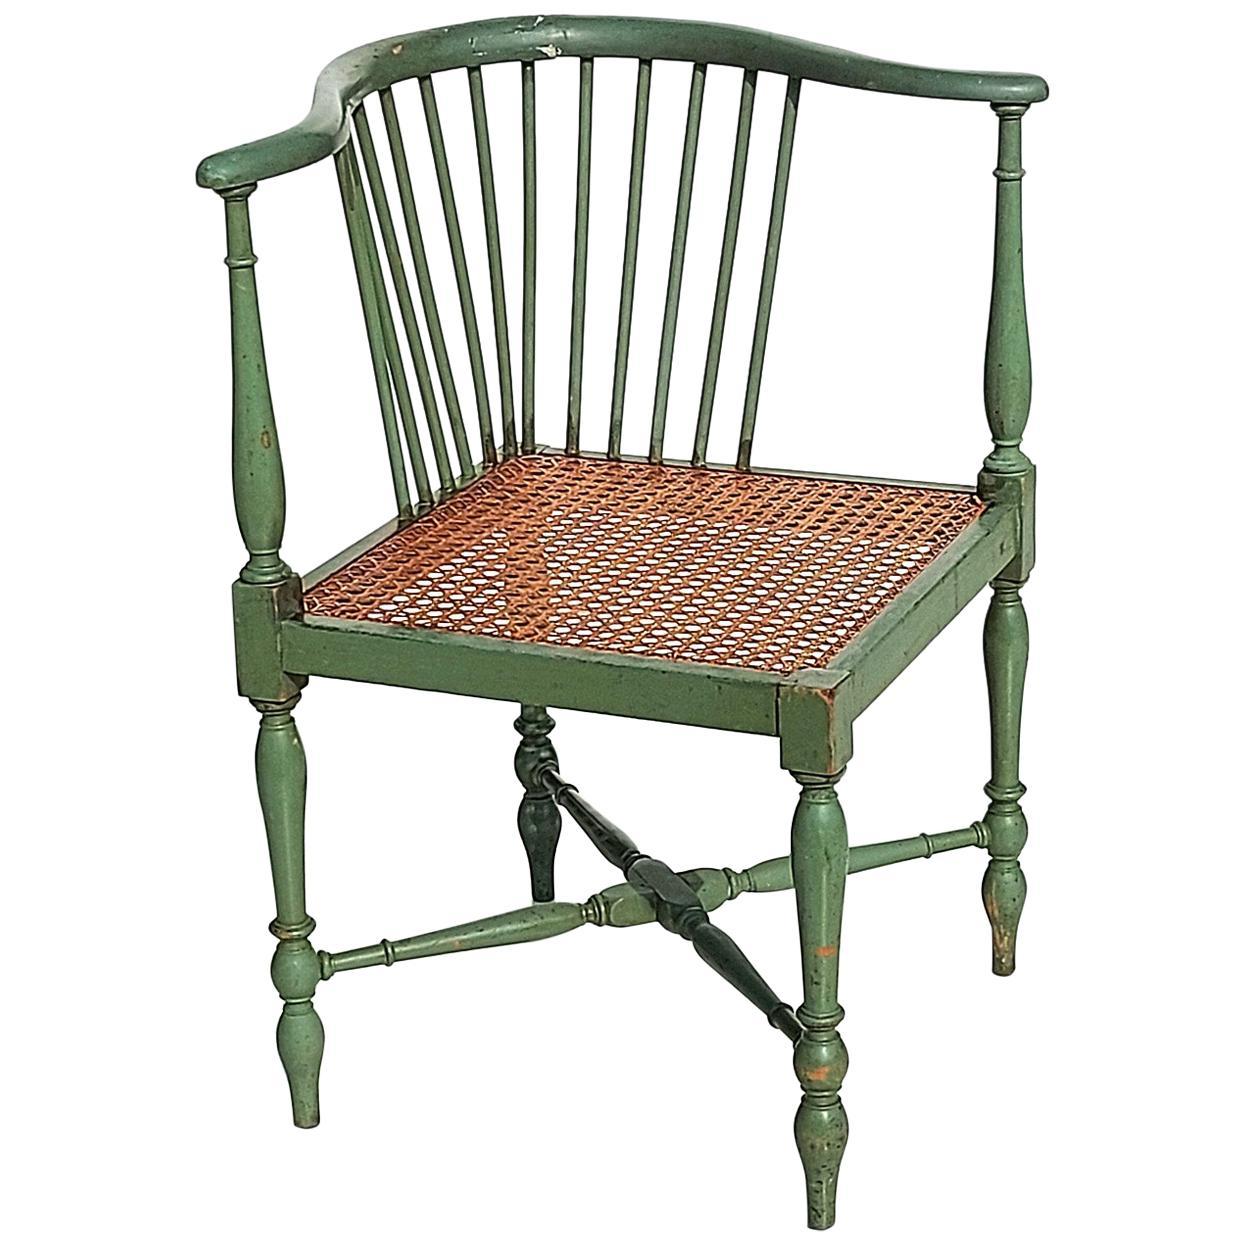 Adolf Loos F.O. Schmidt 1898-1900 Jugendstil Corner Chair